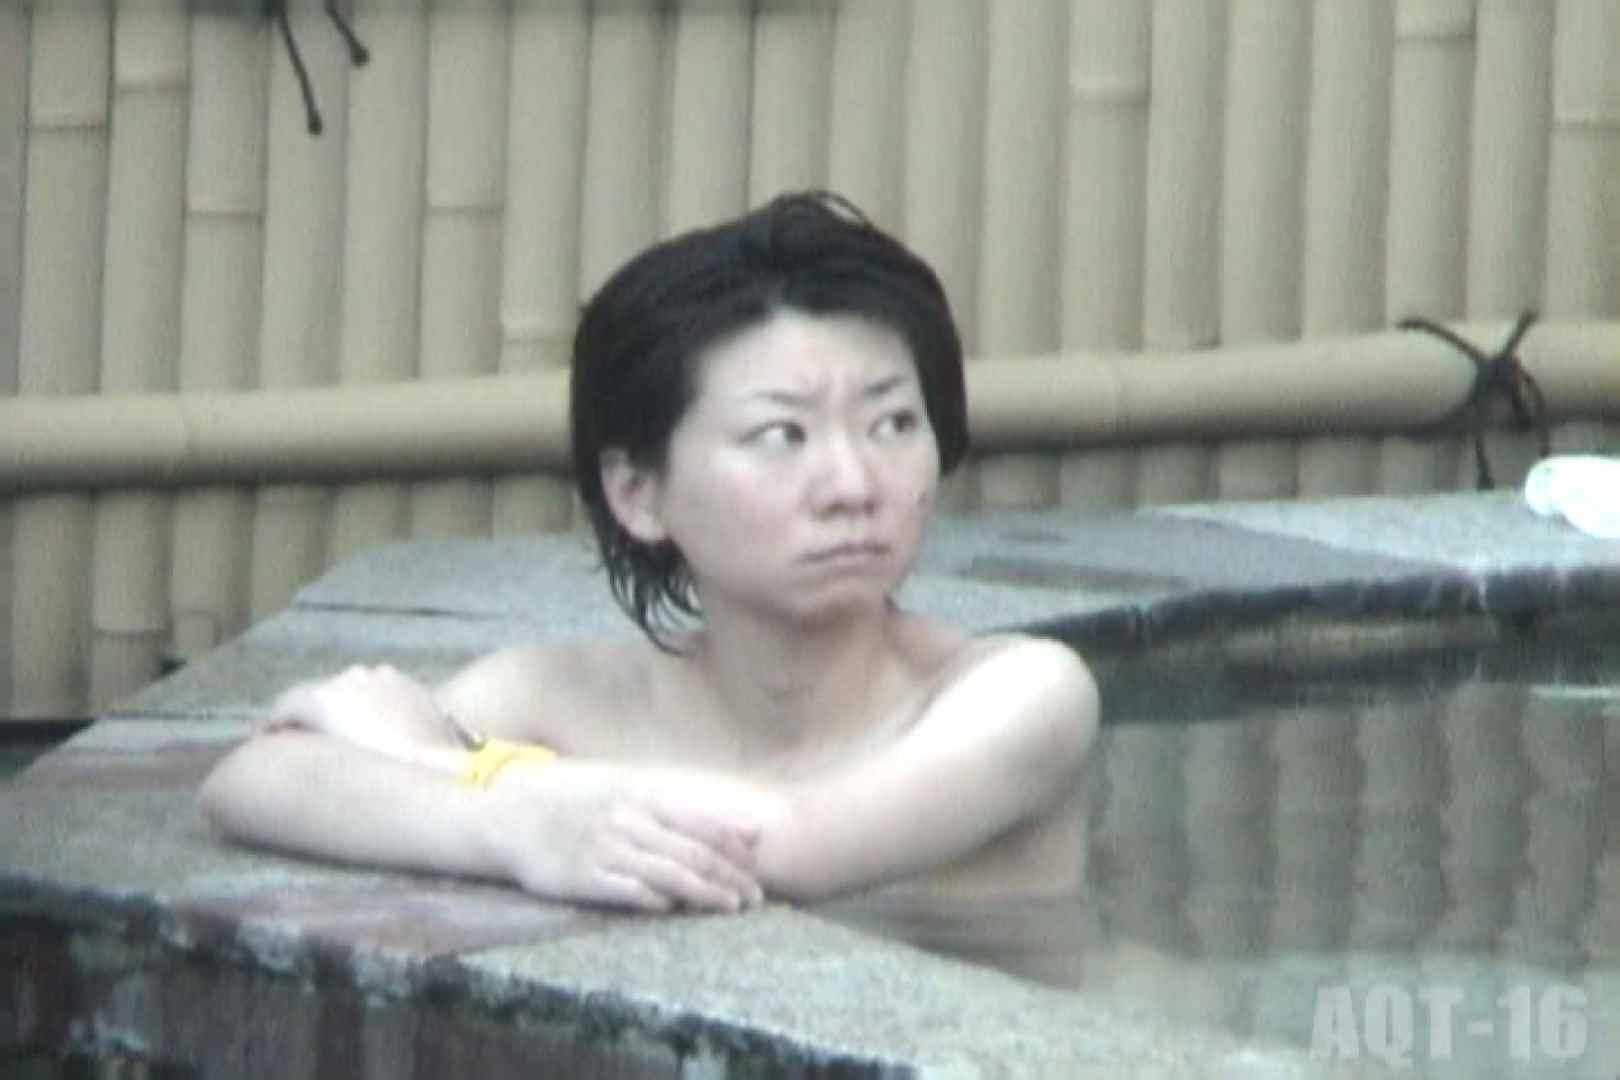 Aquaな露天風呂Vol.842 盗撮師作品   美しいOLの裸体  96pic 88